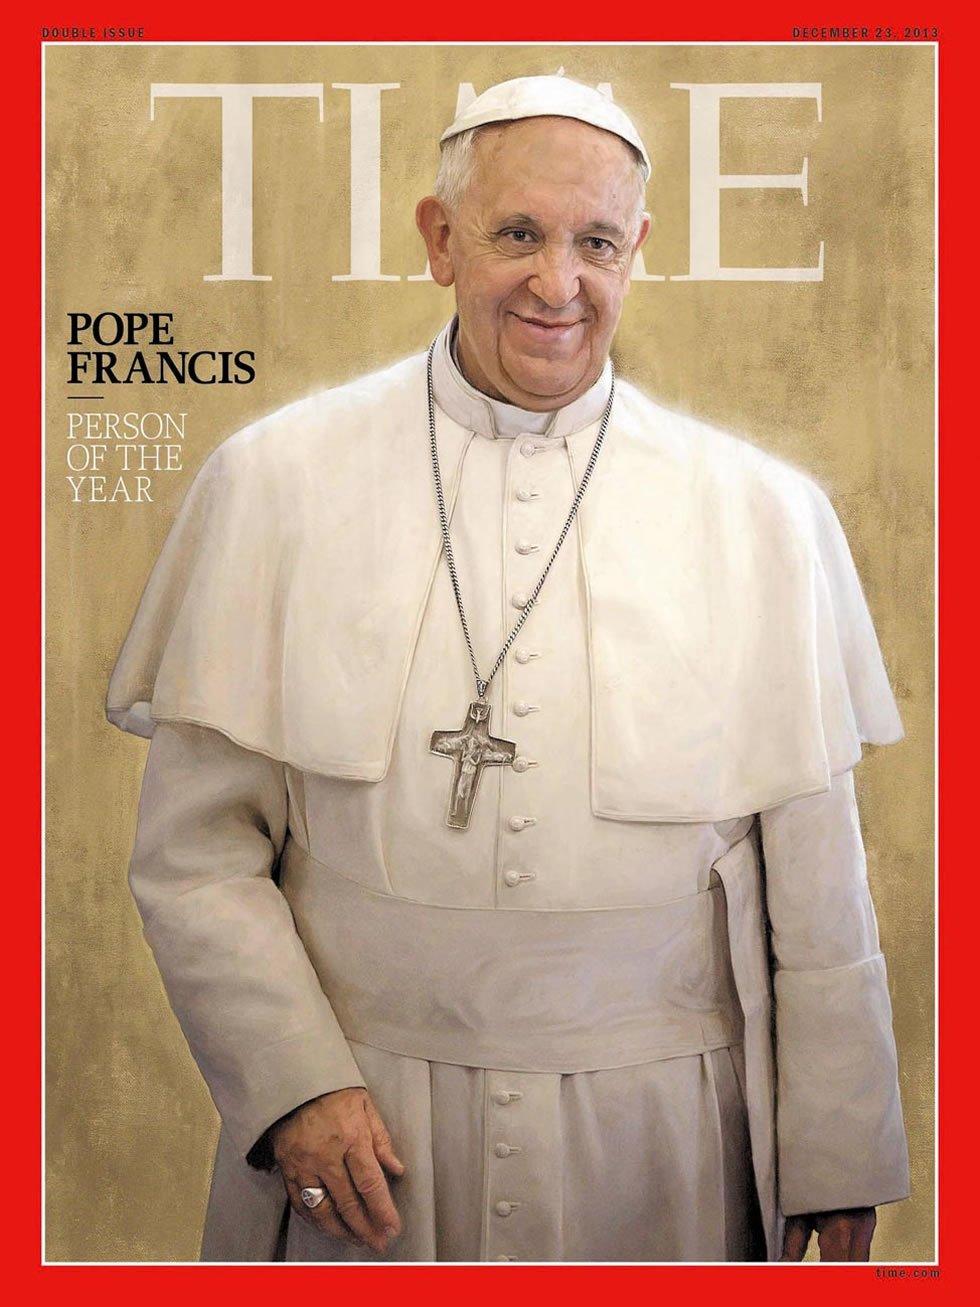 Tercer pontífice que ocupa la portada de la revista como persona del año